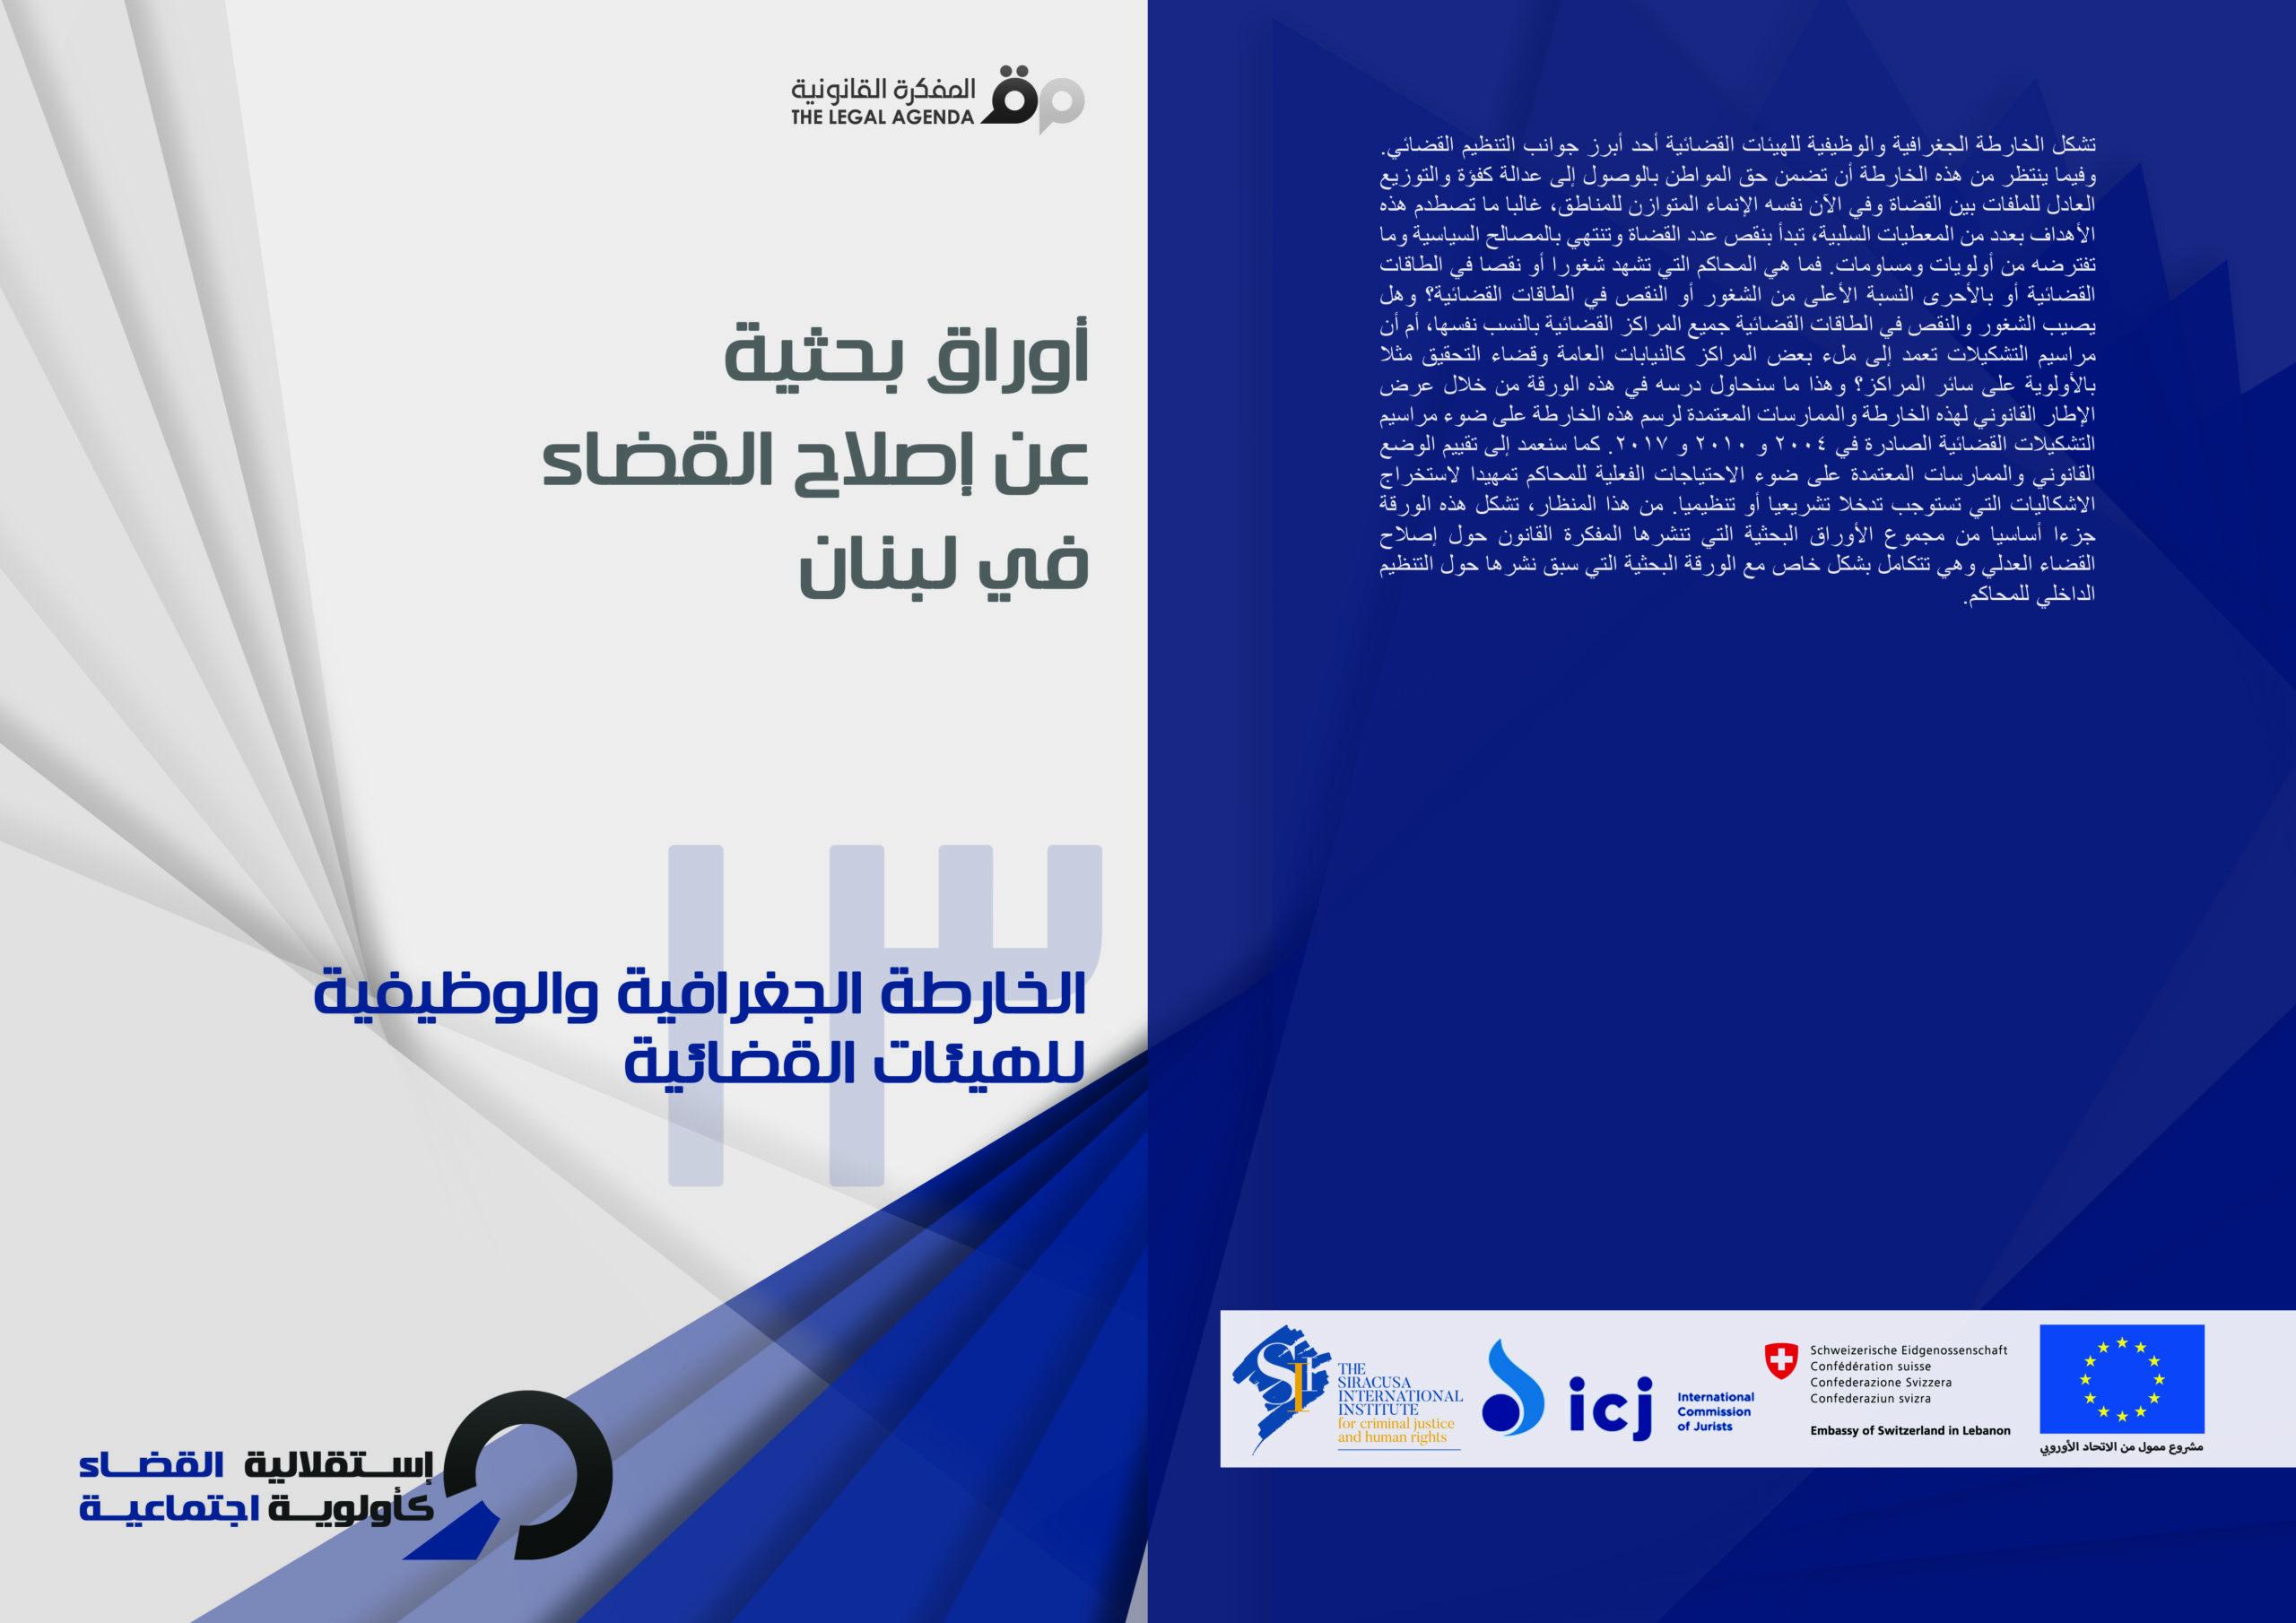 المفكرة تنشر ورقتها البحثية ال 13 حول إصلاح القضاء في لبنان: الخارطة الجغرافية والوظيفية للهيئات القضائية